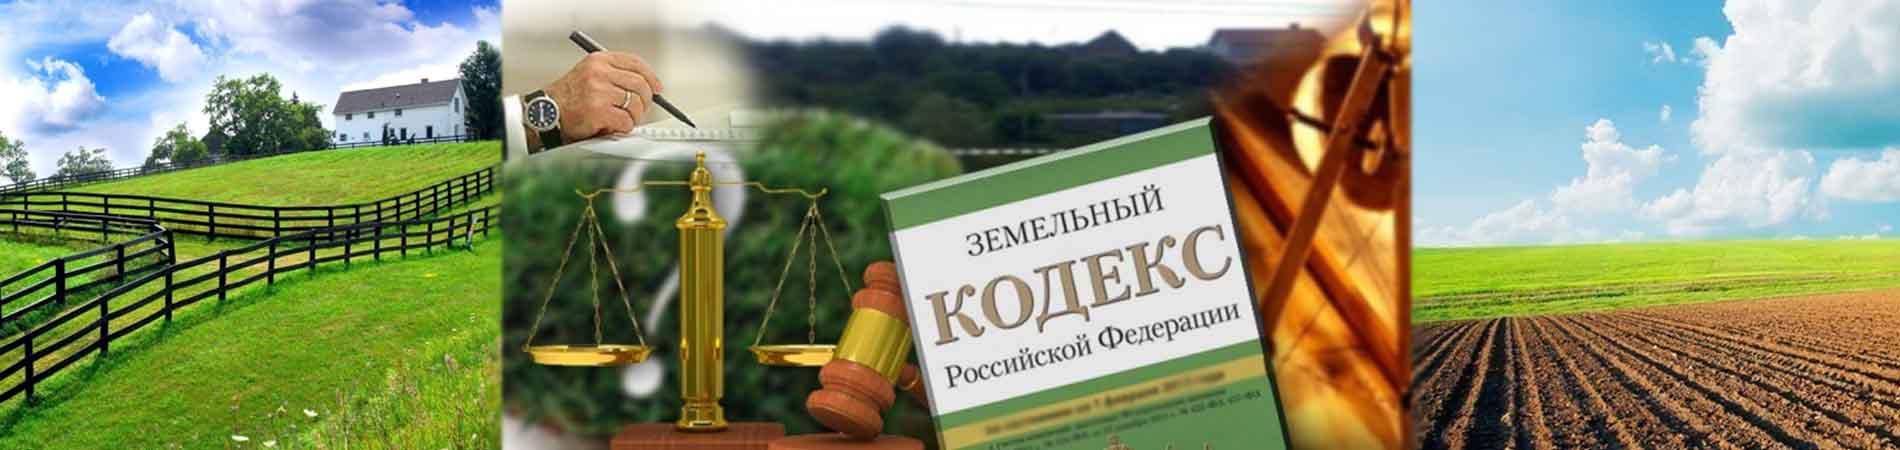 Юрист по земельным спорам